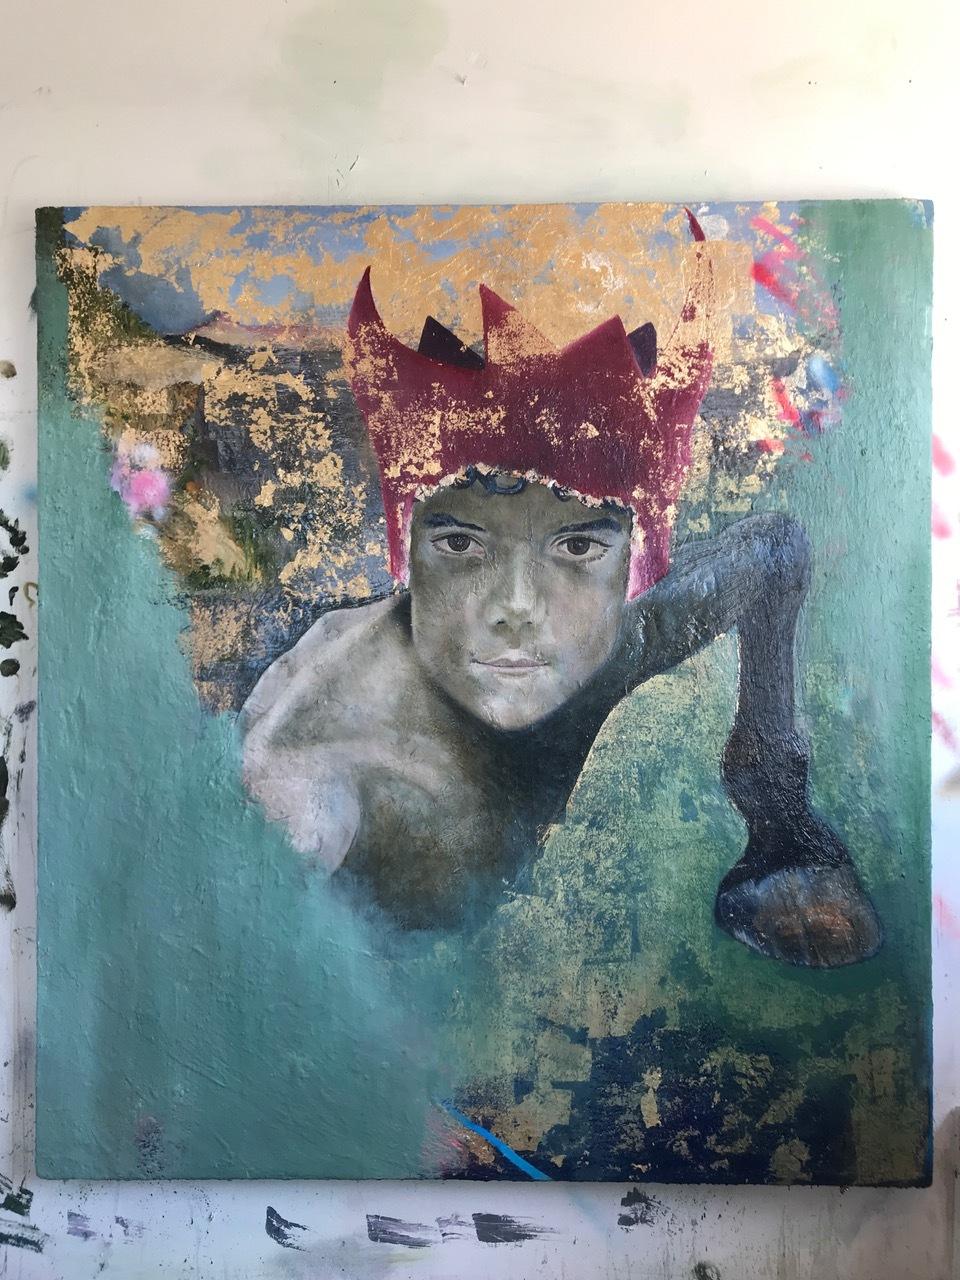 BOY No 3. 2018 Oil on Canvas 180 x 180 cm